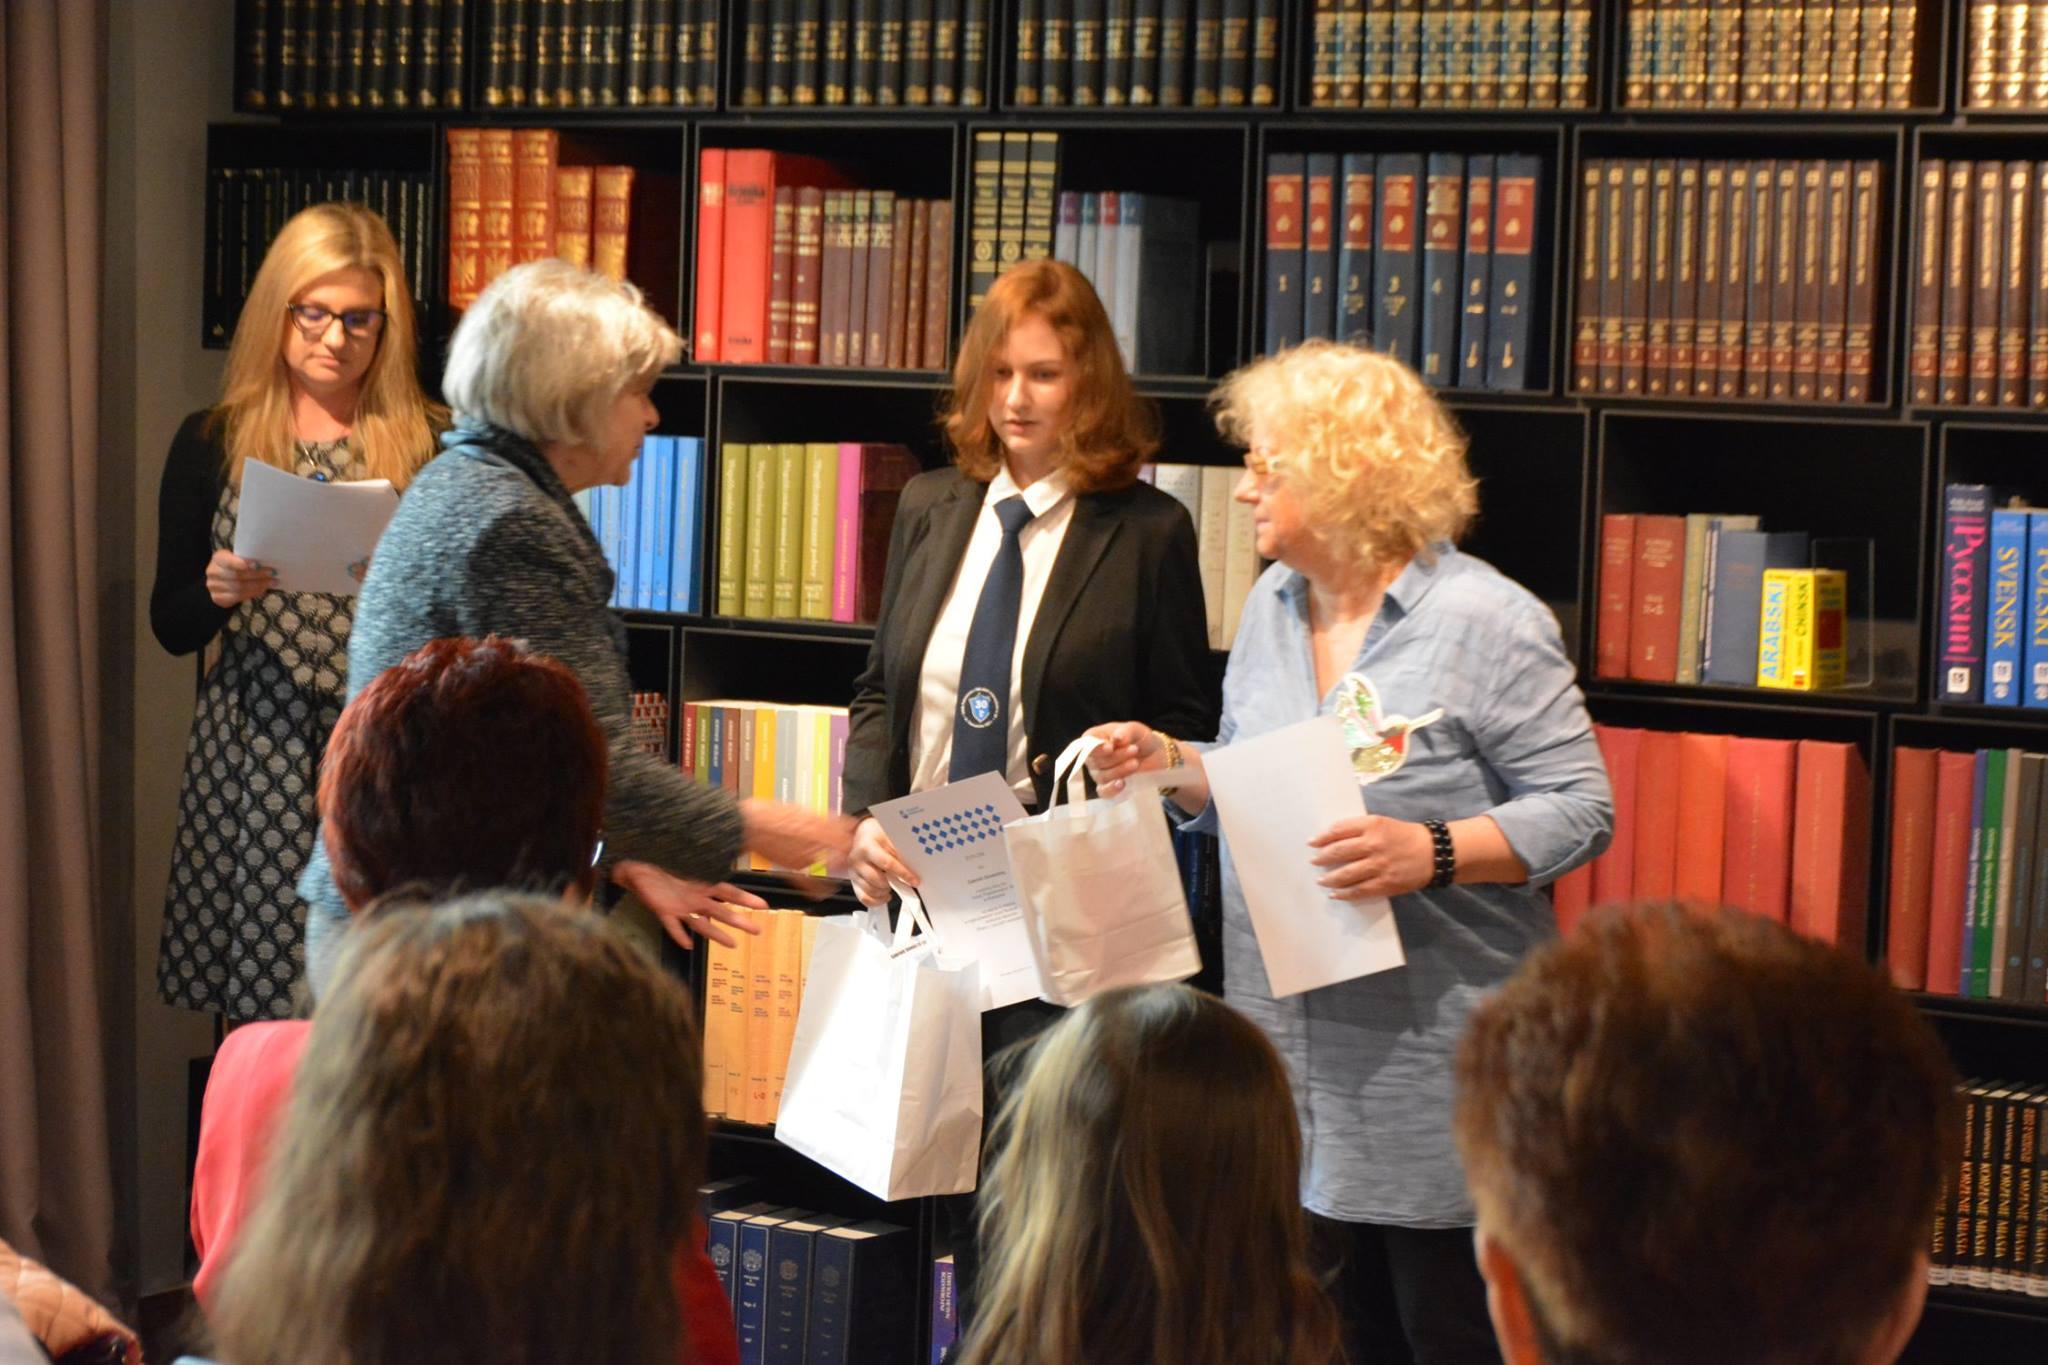 W bibliotece muzealnej dyrektor Ewa Nekanda Trepka wręcza nagrodę laureatce konkursu oraz jej opiekunowi.